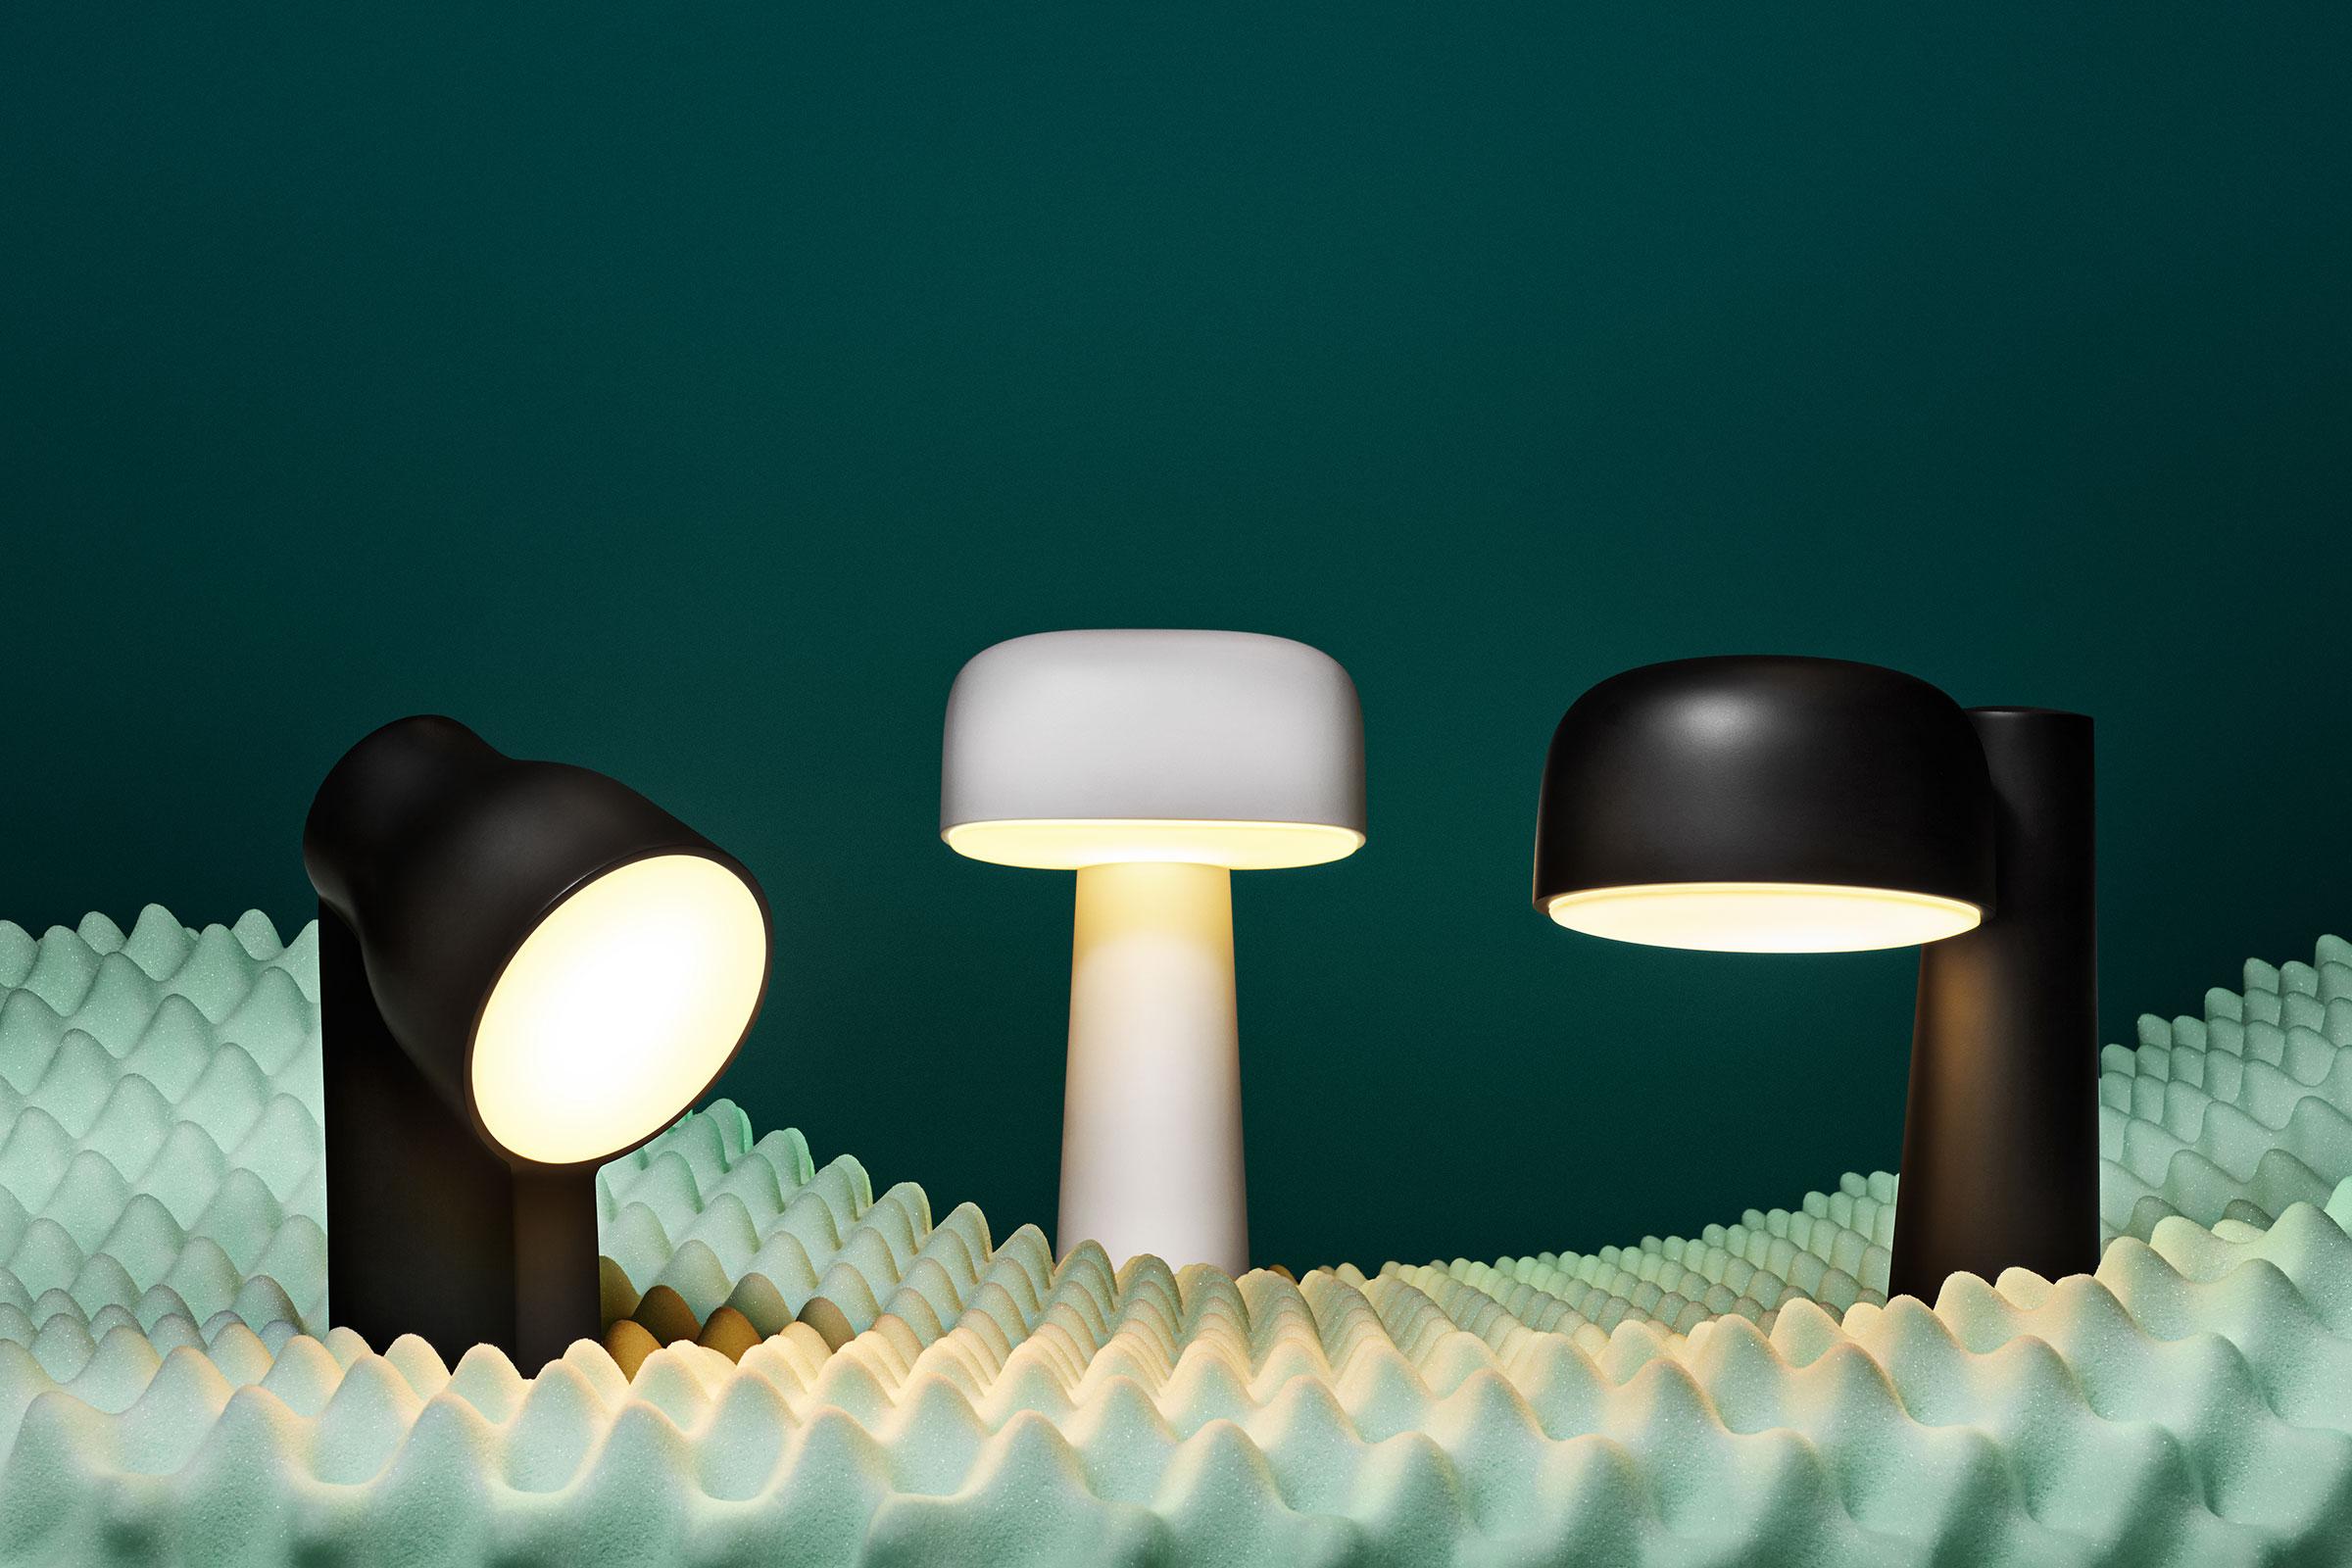 ammunition x gantri 3 d printed lights